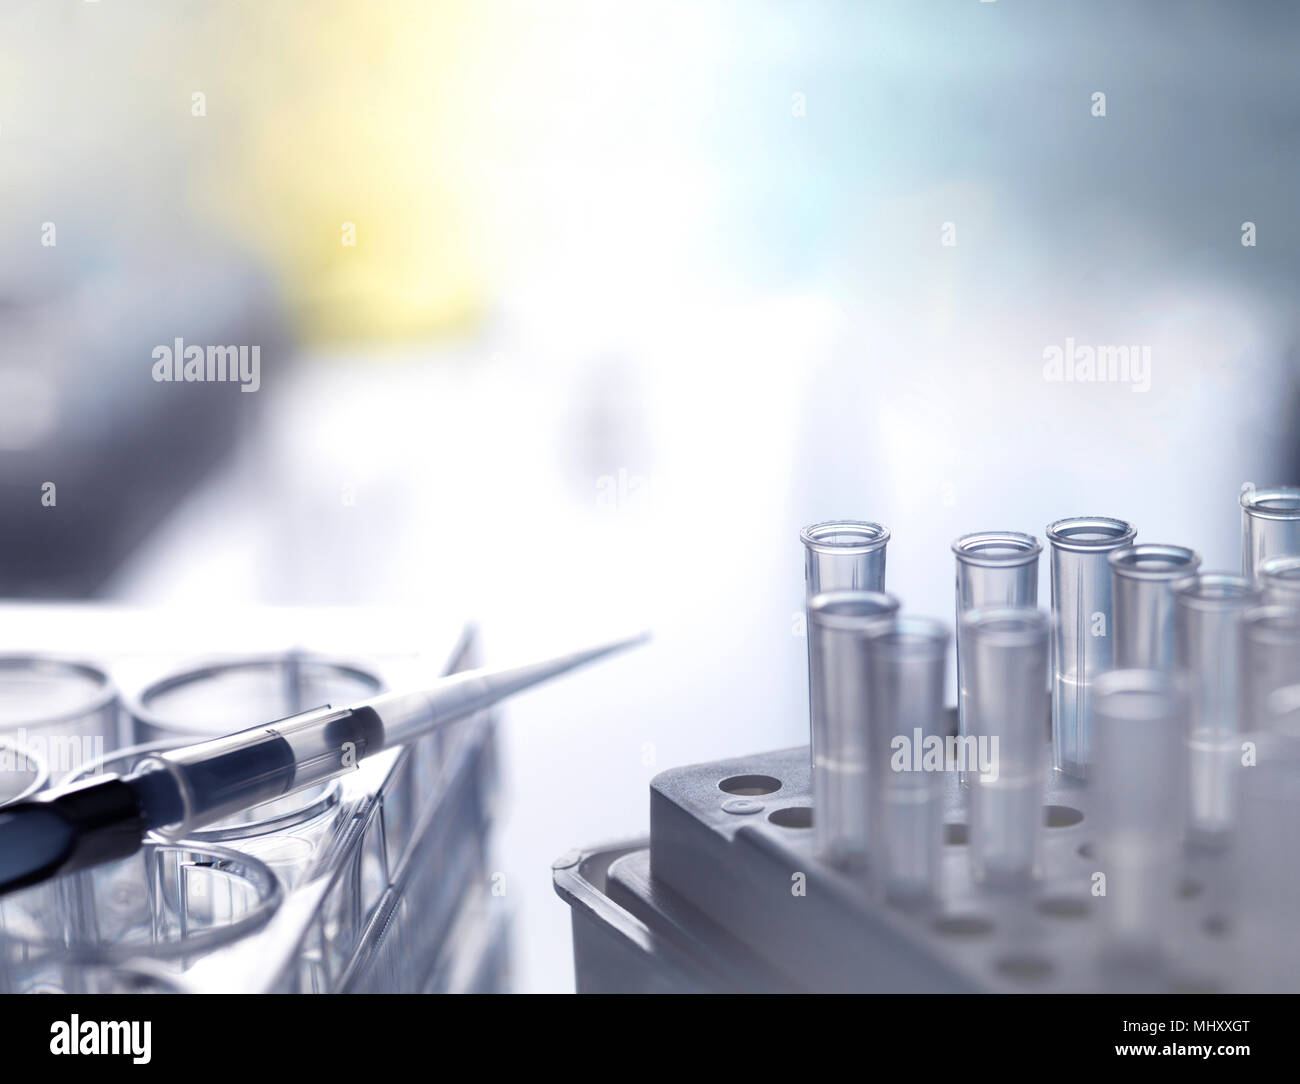 Pipetta a più pozzetti con le punte della pipetta durante un esperimento di laboratorio, close-up Immagini Stock